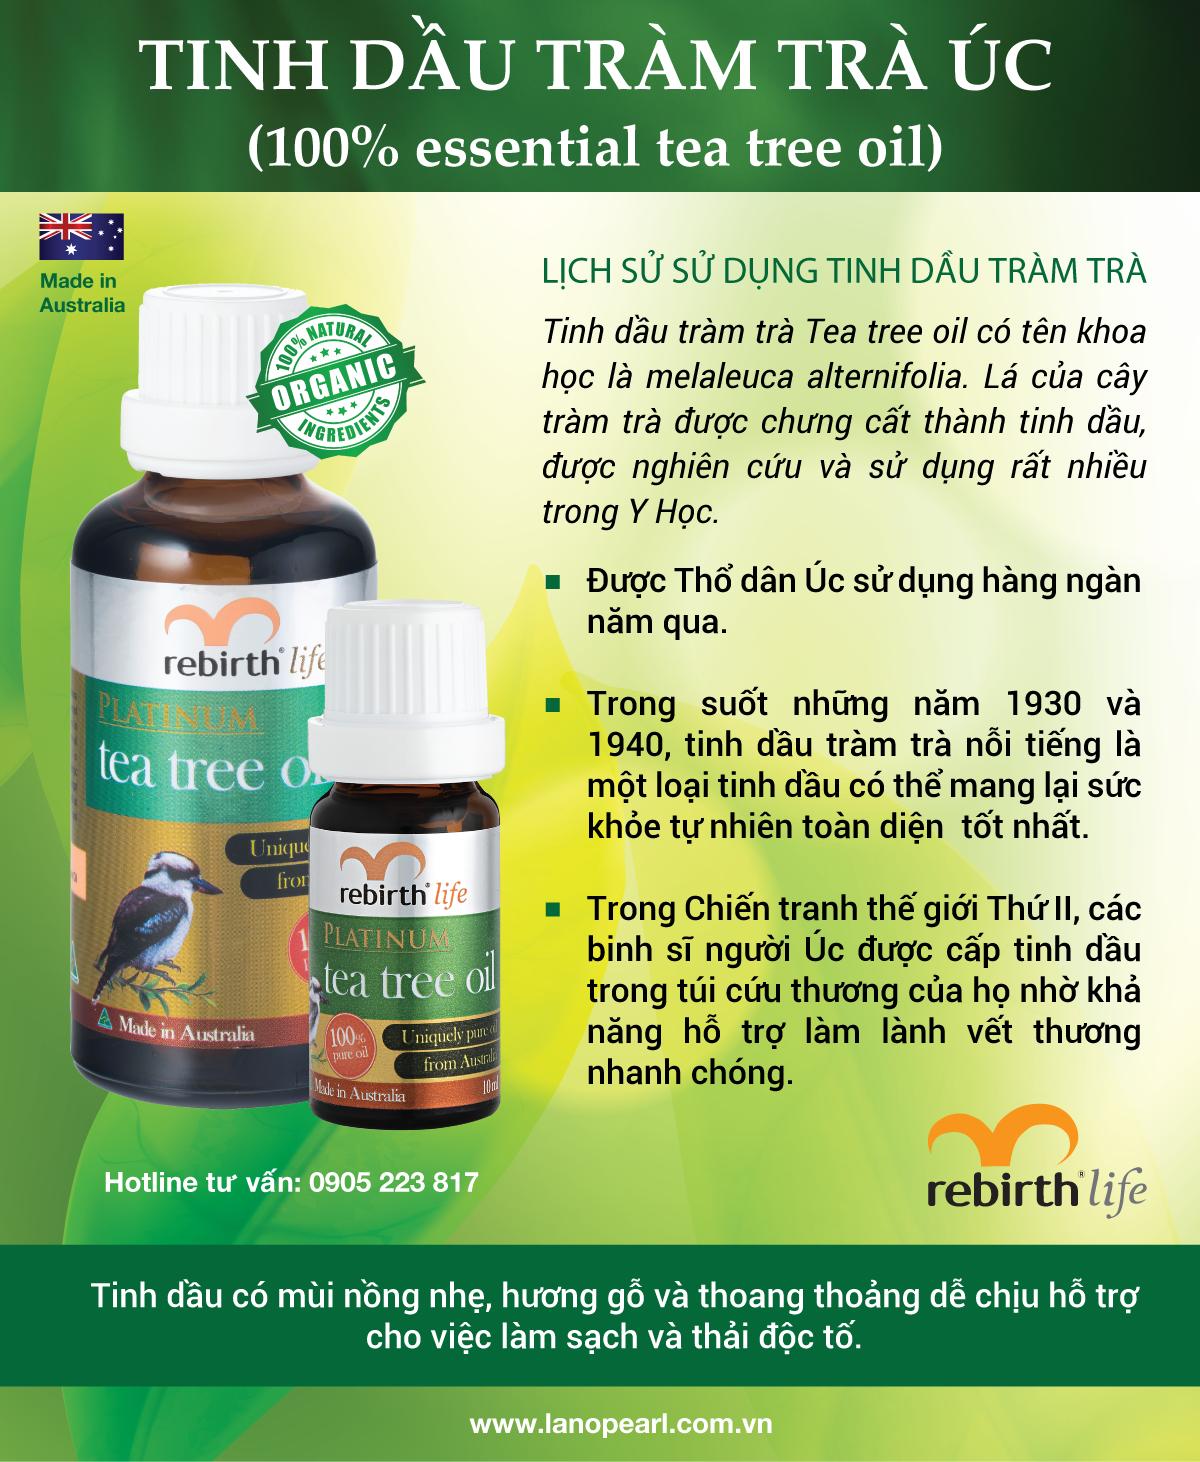 Lịch sử hình thành của Tinh dầu tràm trà Rebirth - Tea tree oil